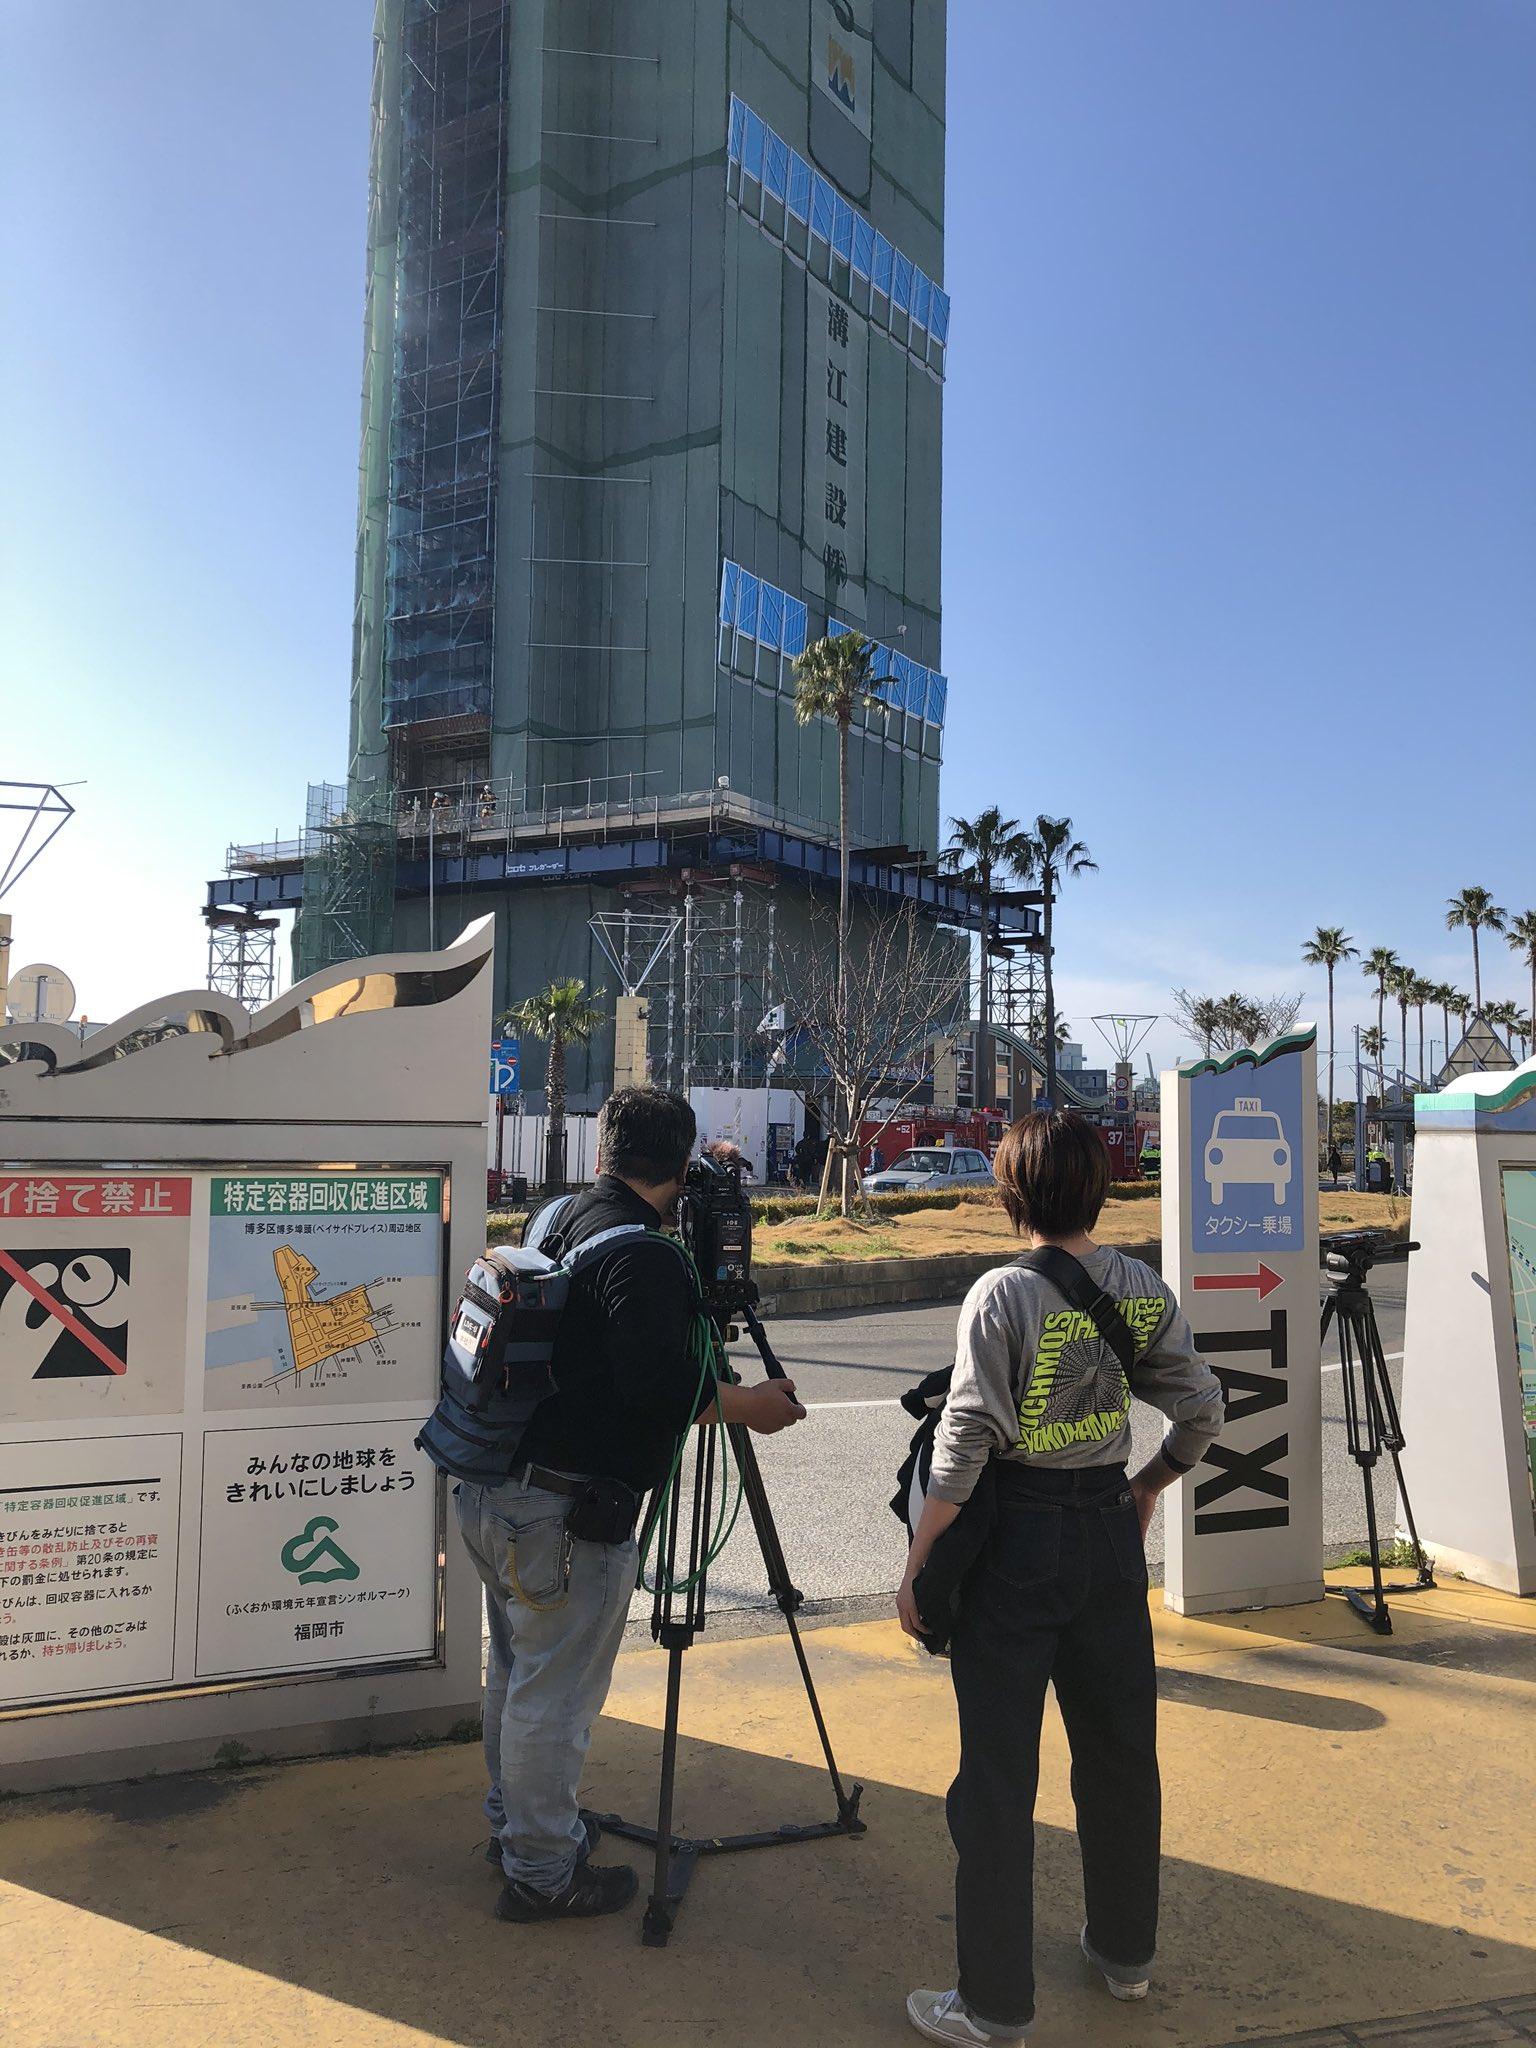 画像,博多港に着いたら、消防車やら、パトカーやら、ヘリコプターやら、報道陣やらでごった返しているのですが…😲工事中のタワーで火災でしょうか。作業の邪魔にならないように…